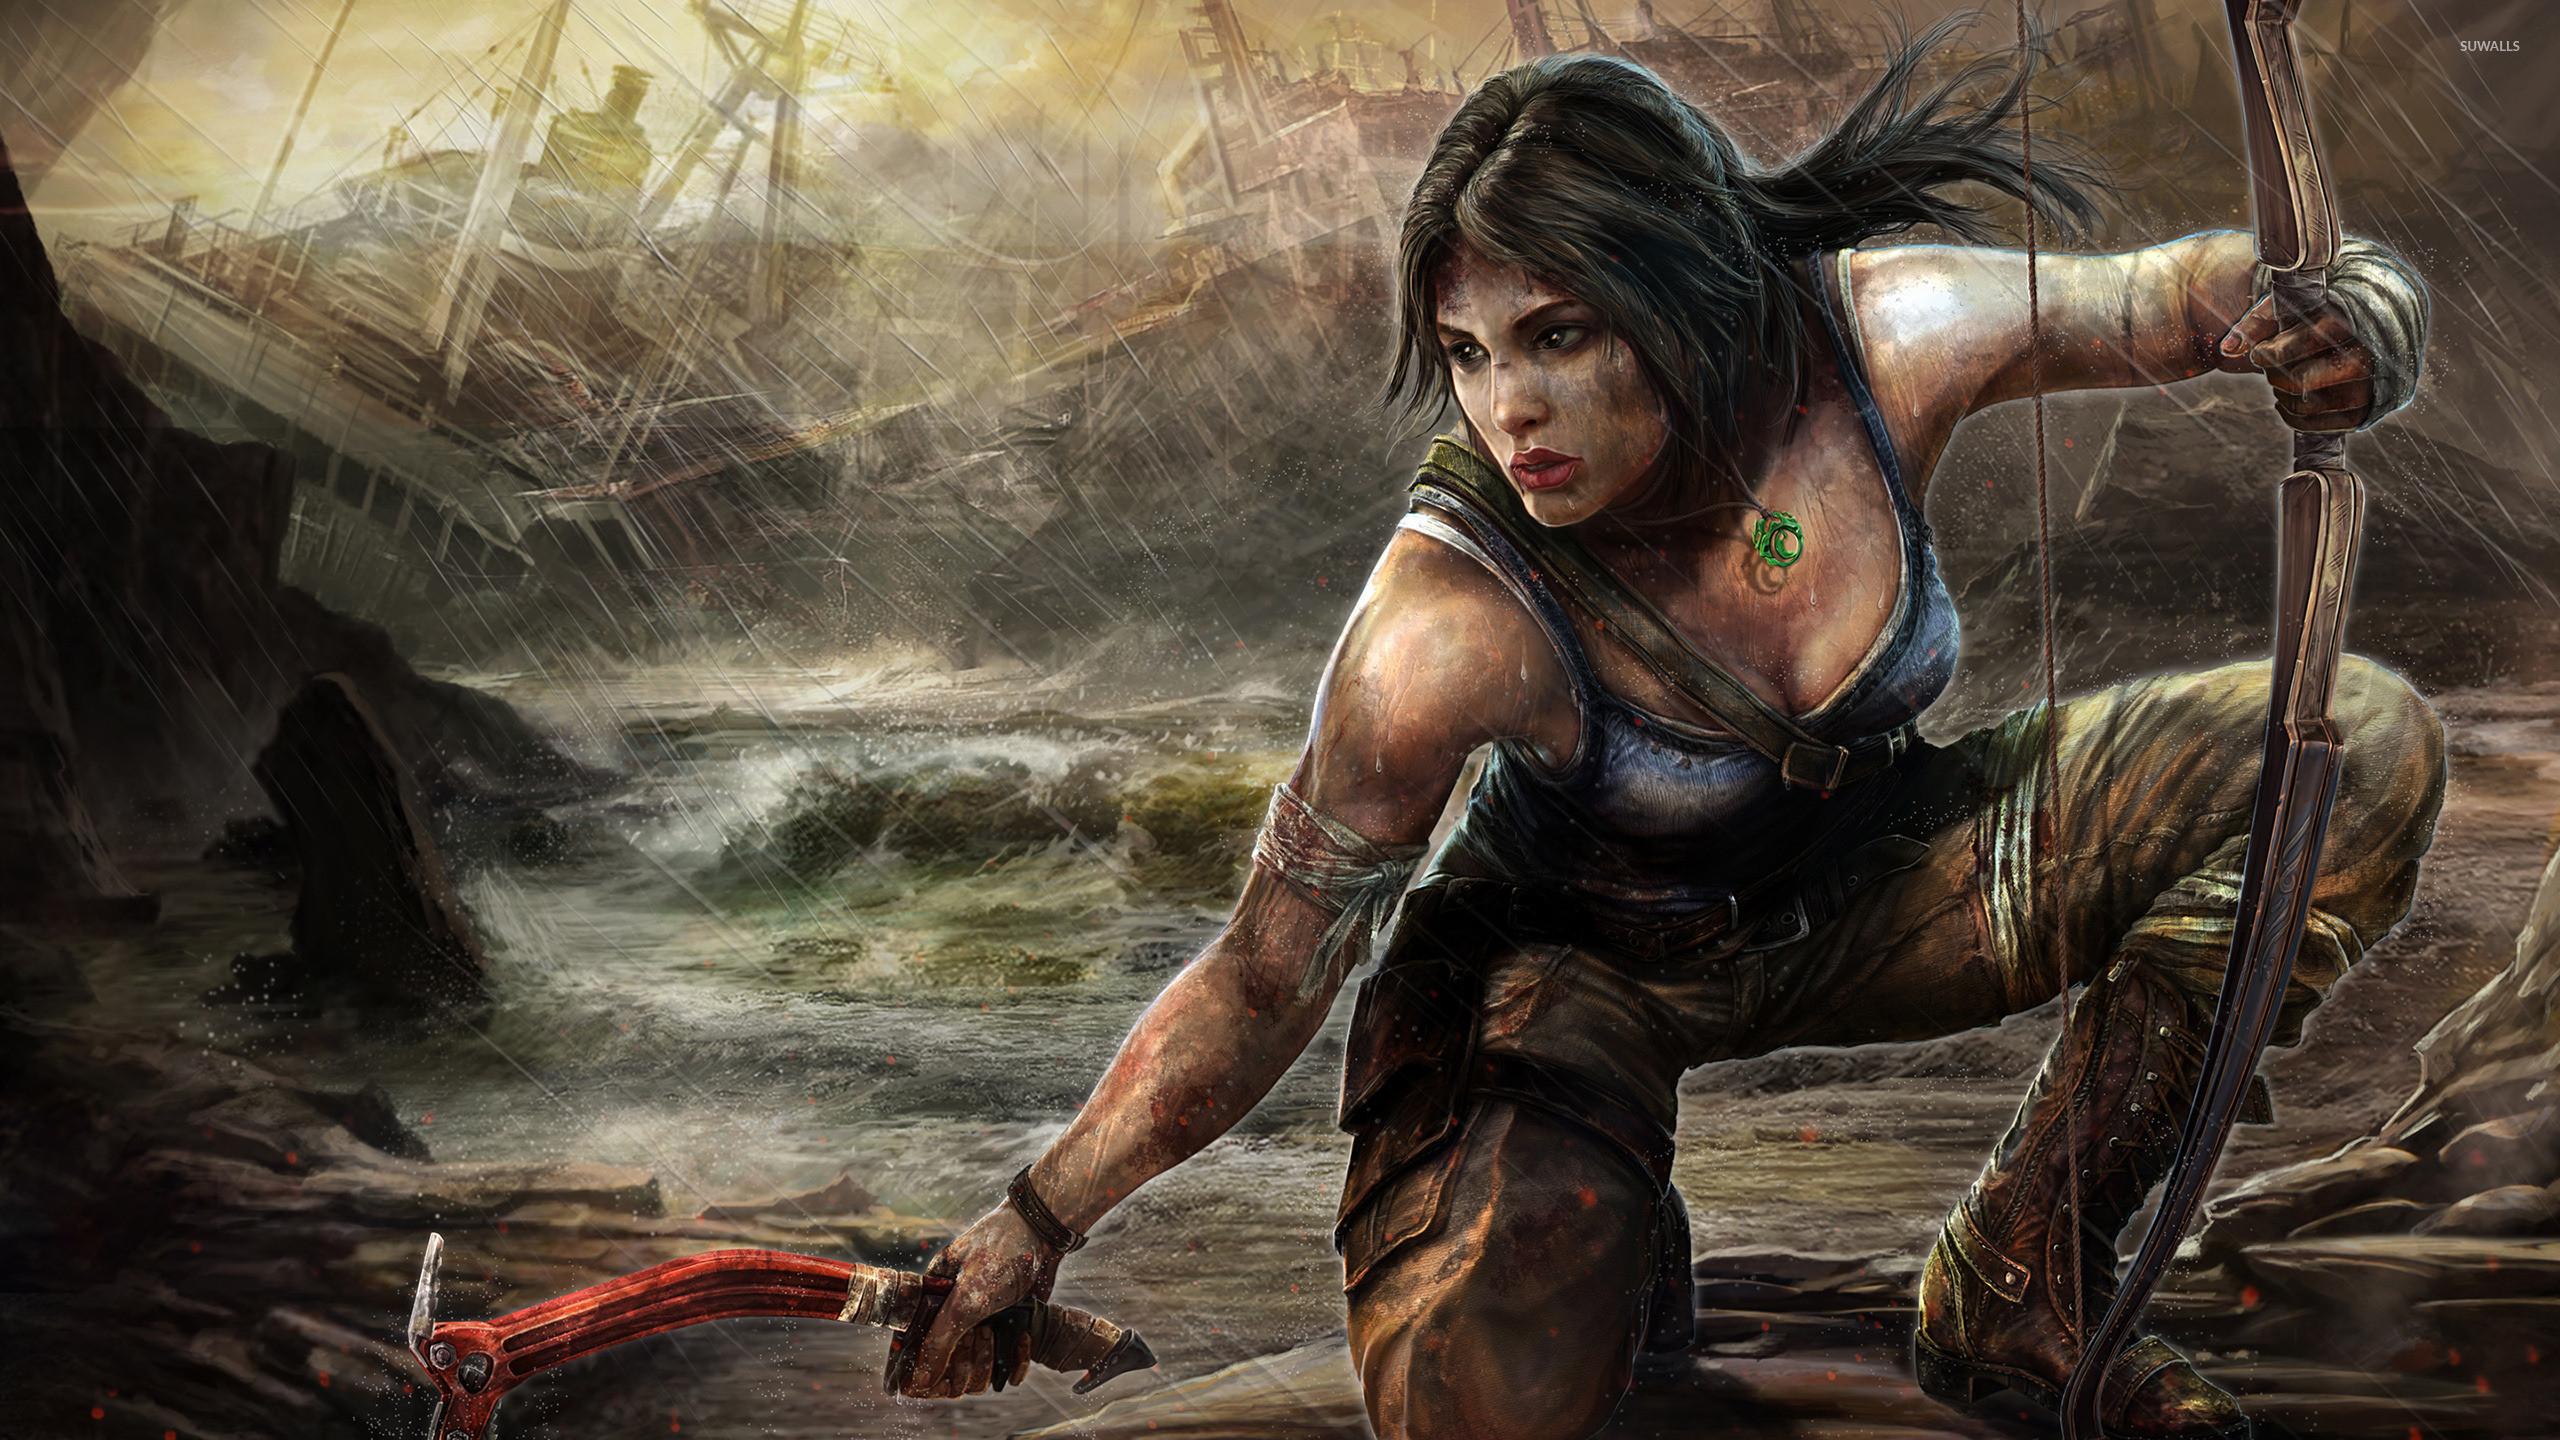 Lara Croft Underworld Wallpaper ·① WallpaperTag